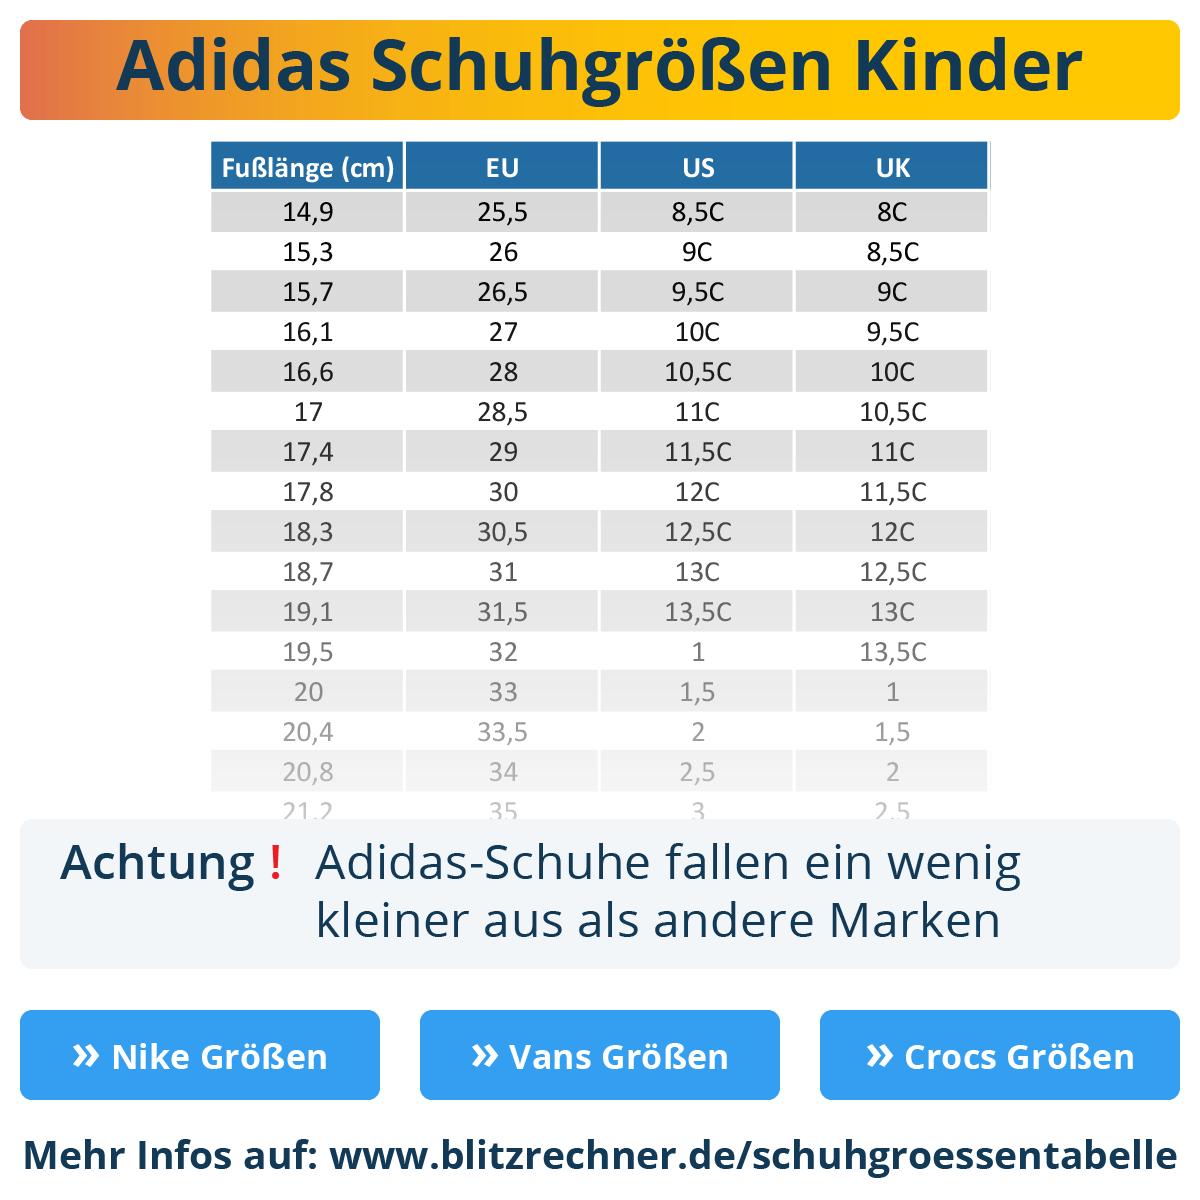 Adidas Schuhgrößen: Deine Größe + So fallen Adidas aus